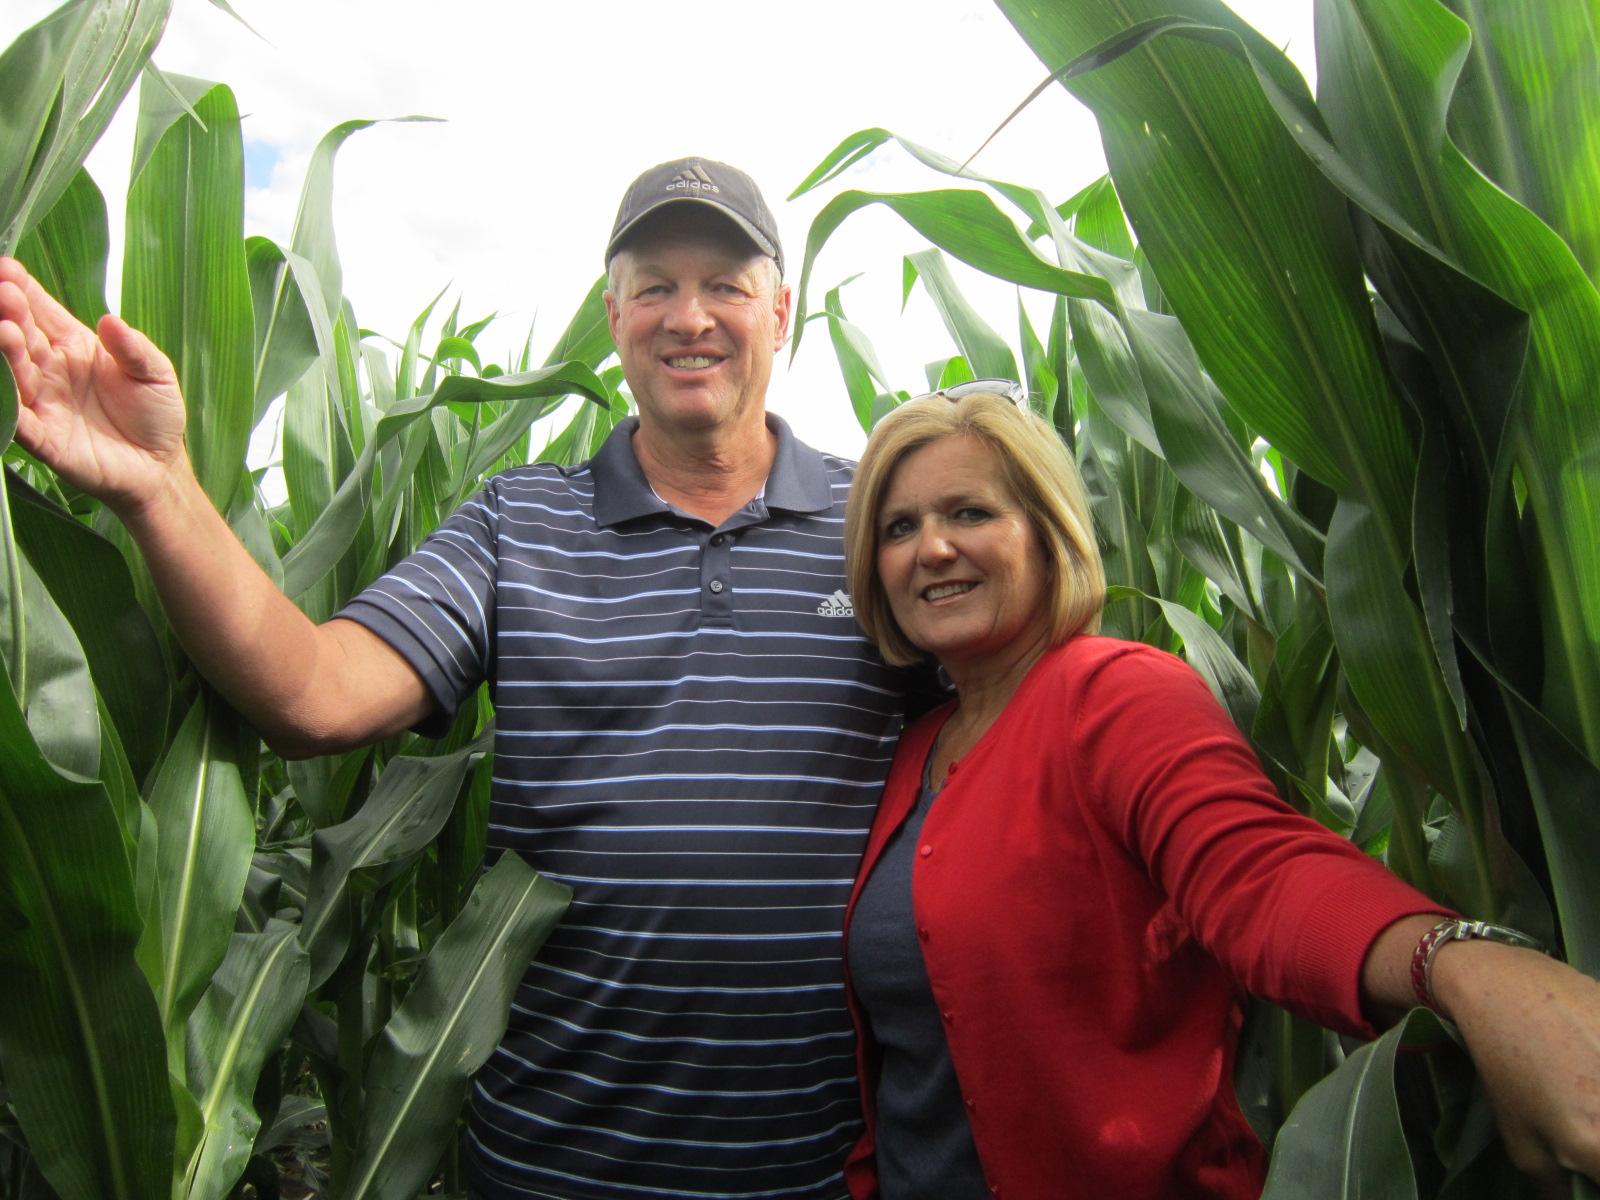 Doug & Karen Lawton in corn from below July 3 2014.JPG